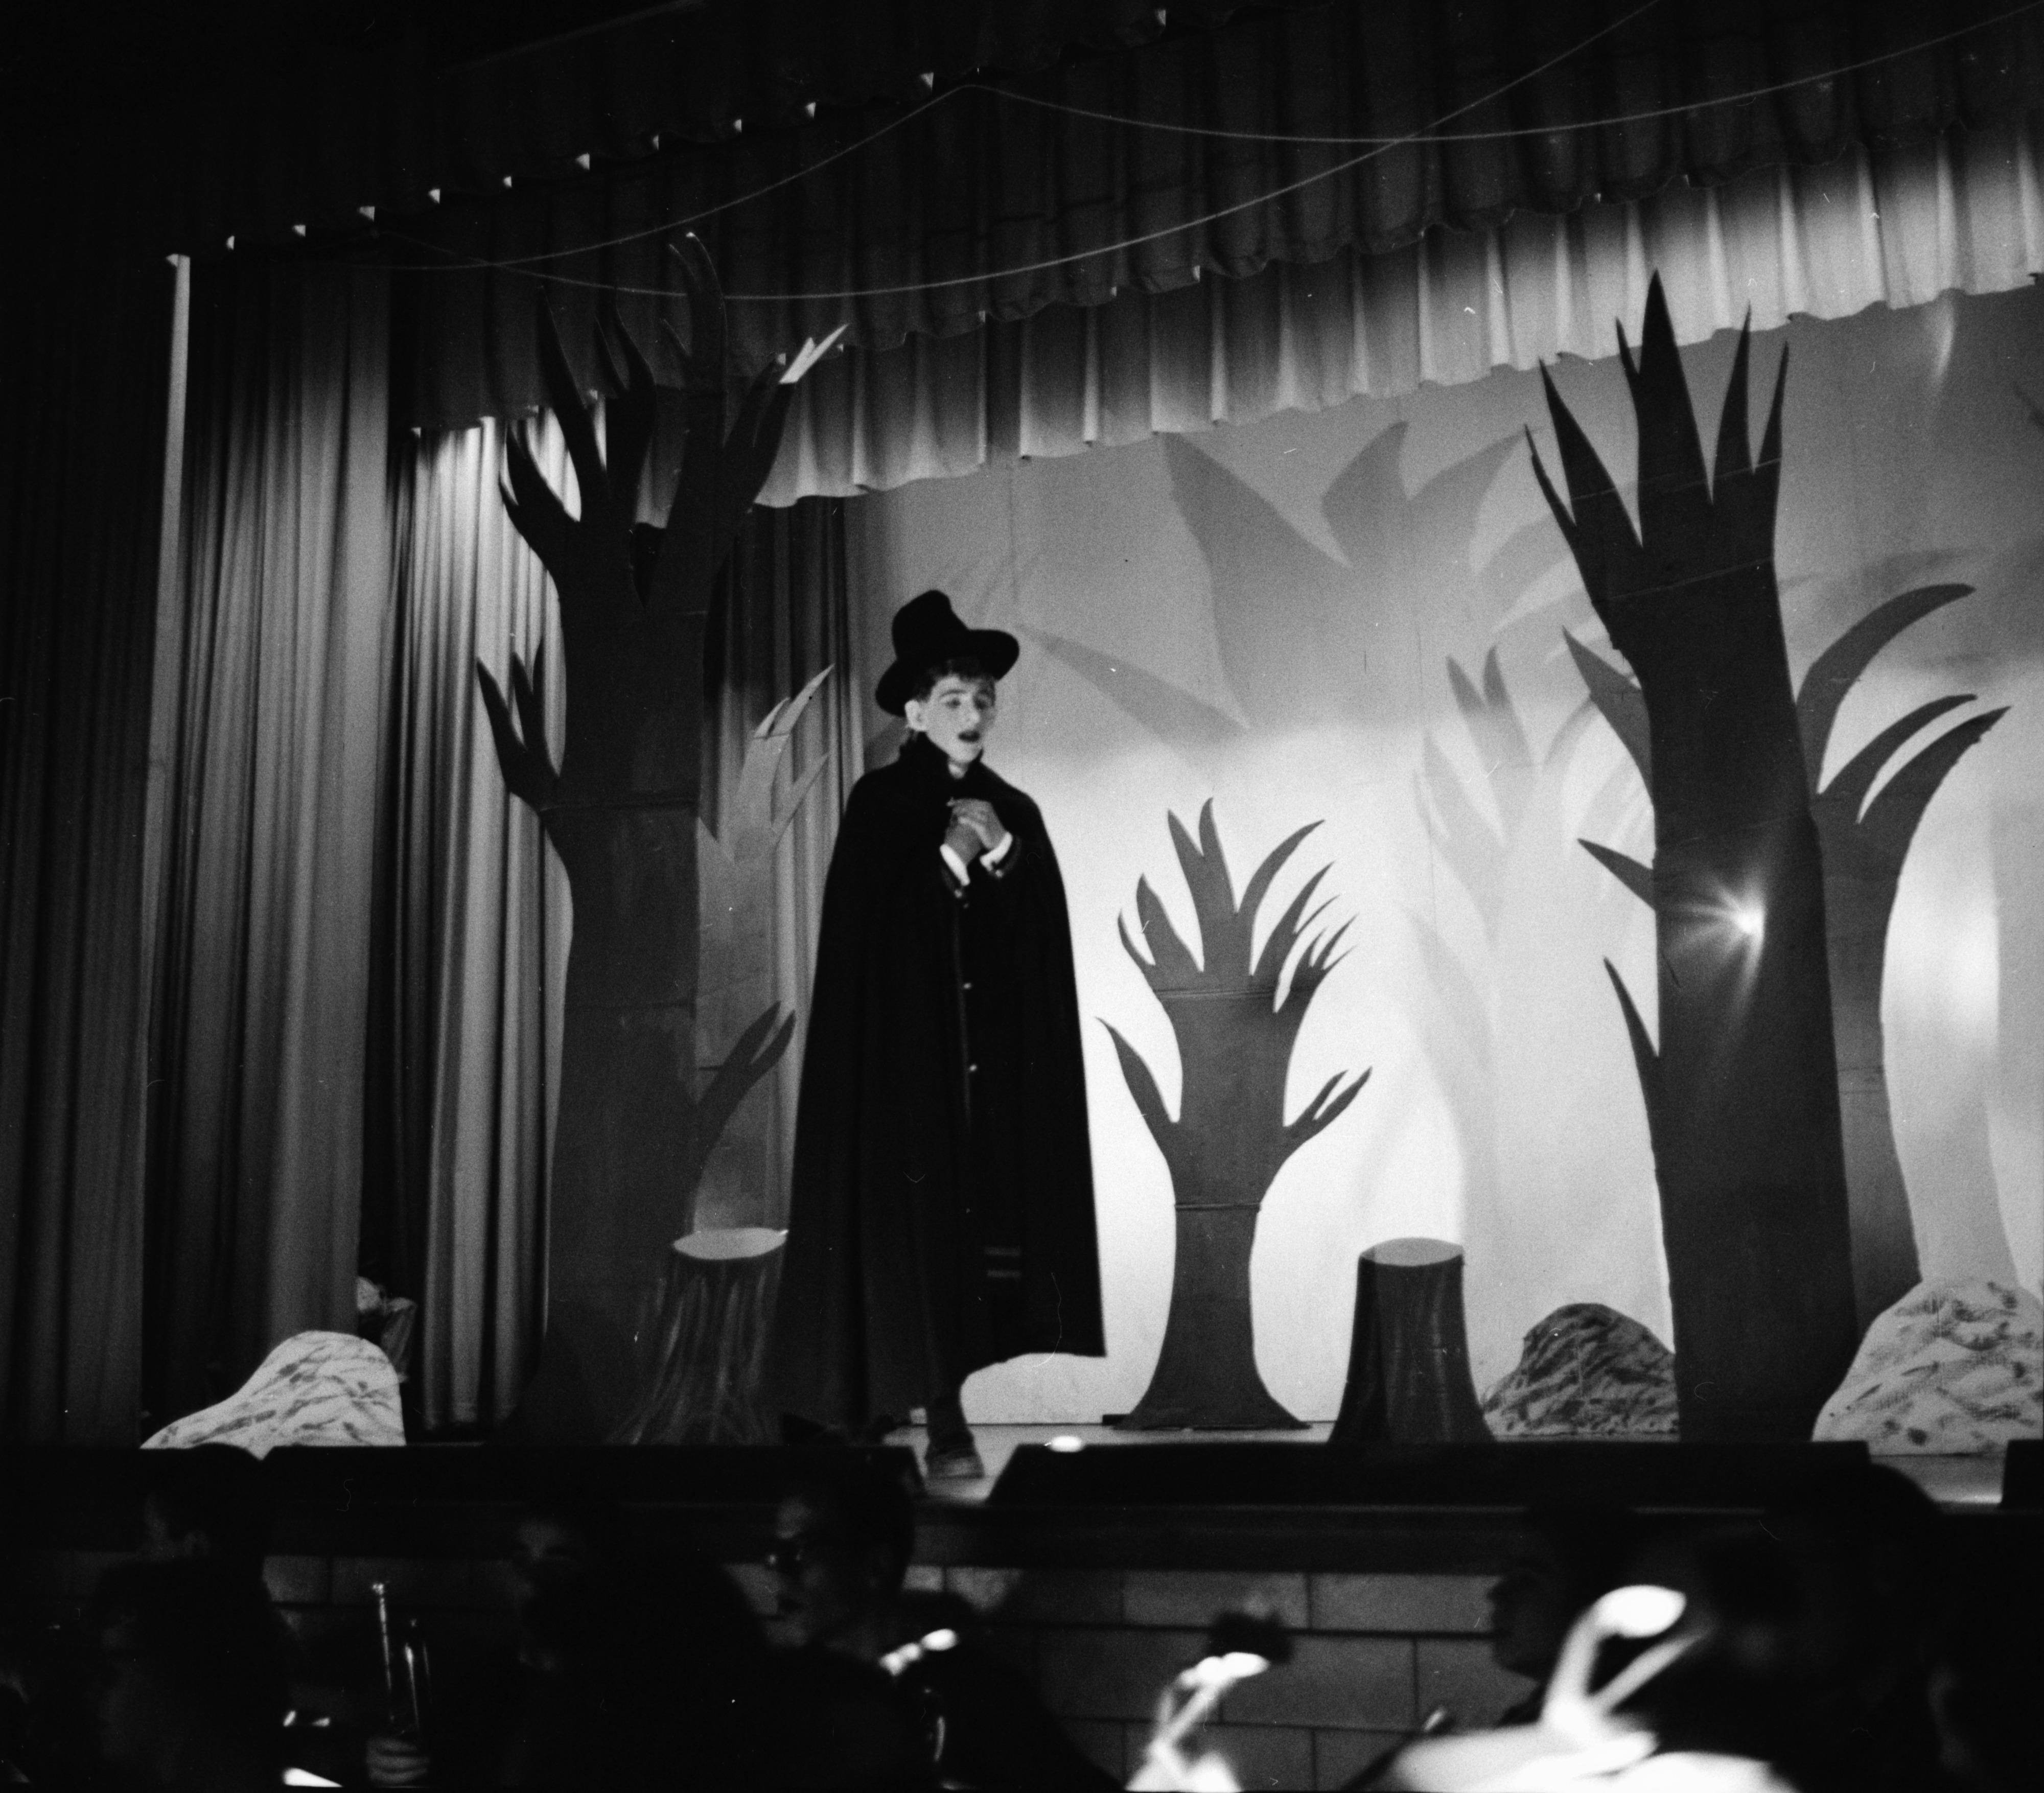 Sleepy Hollow High School: Old News Photos